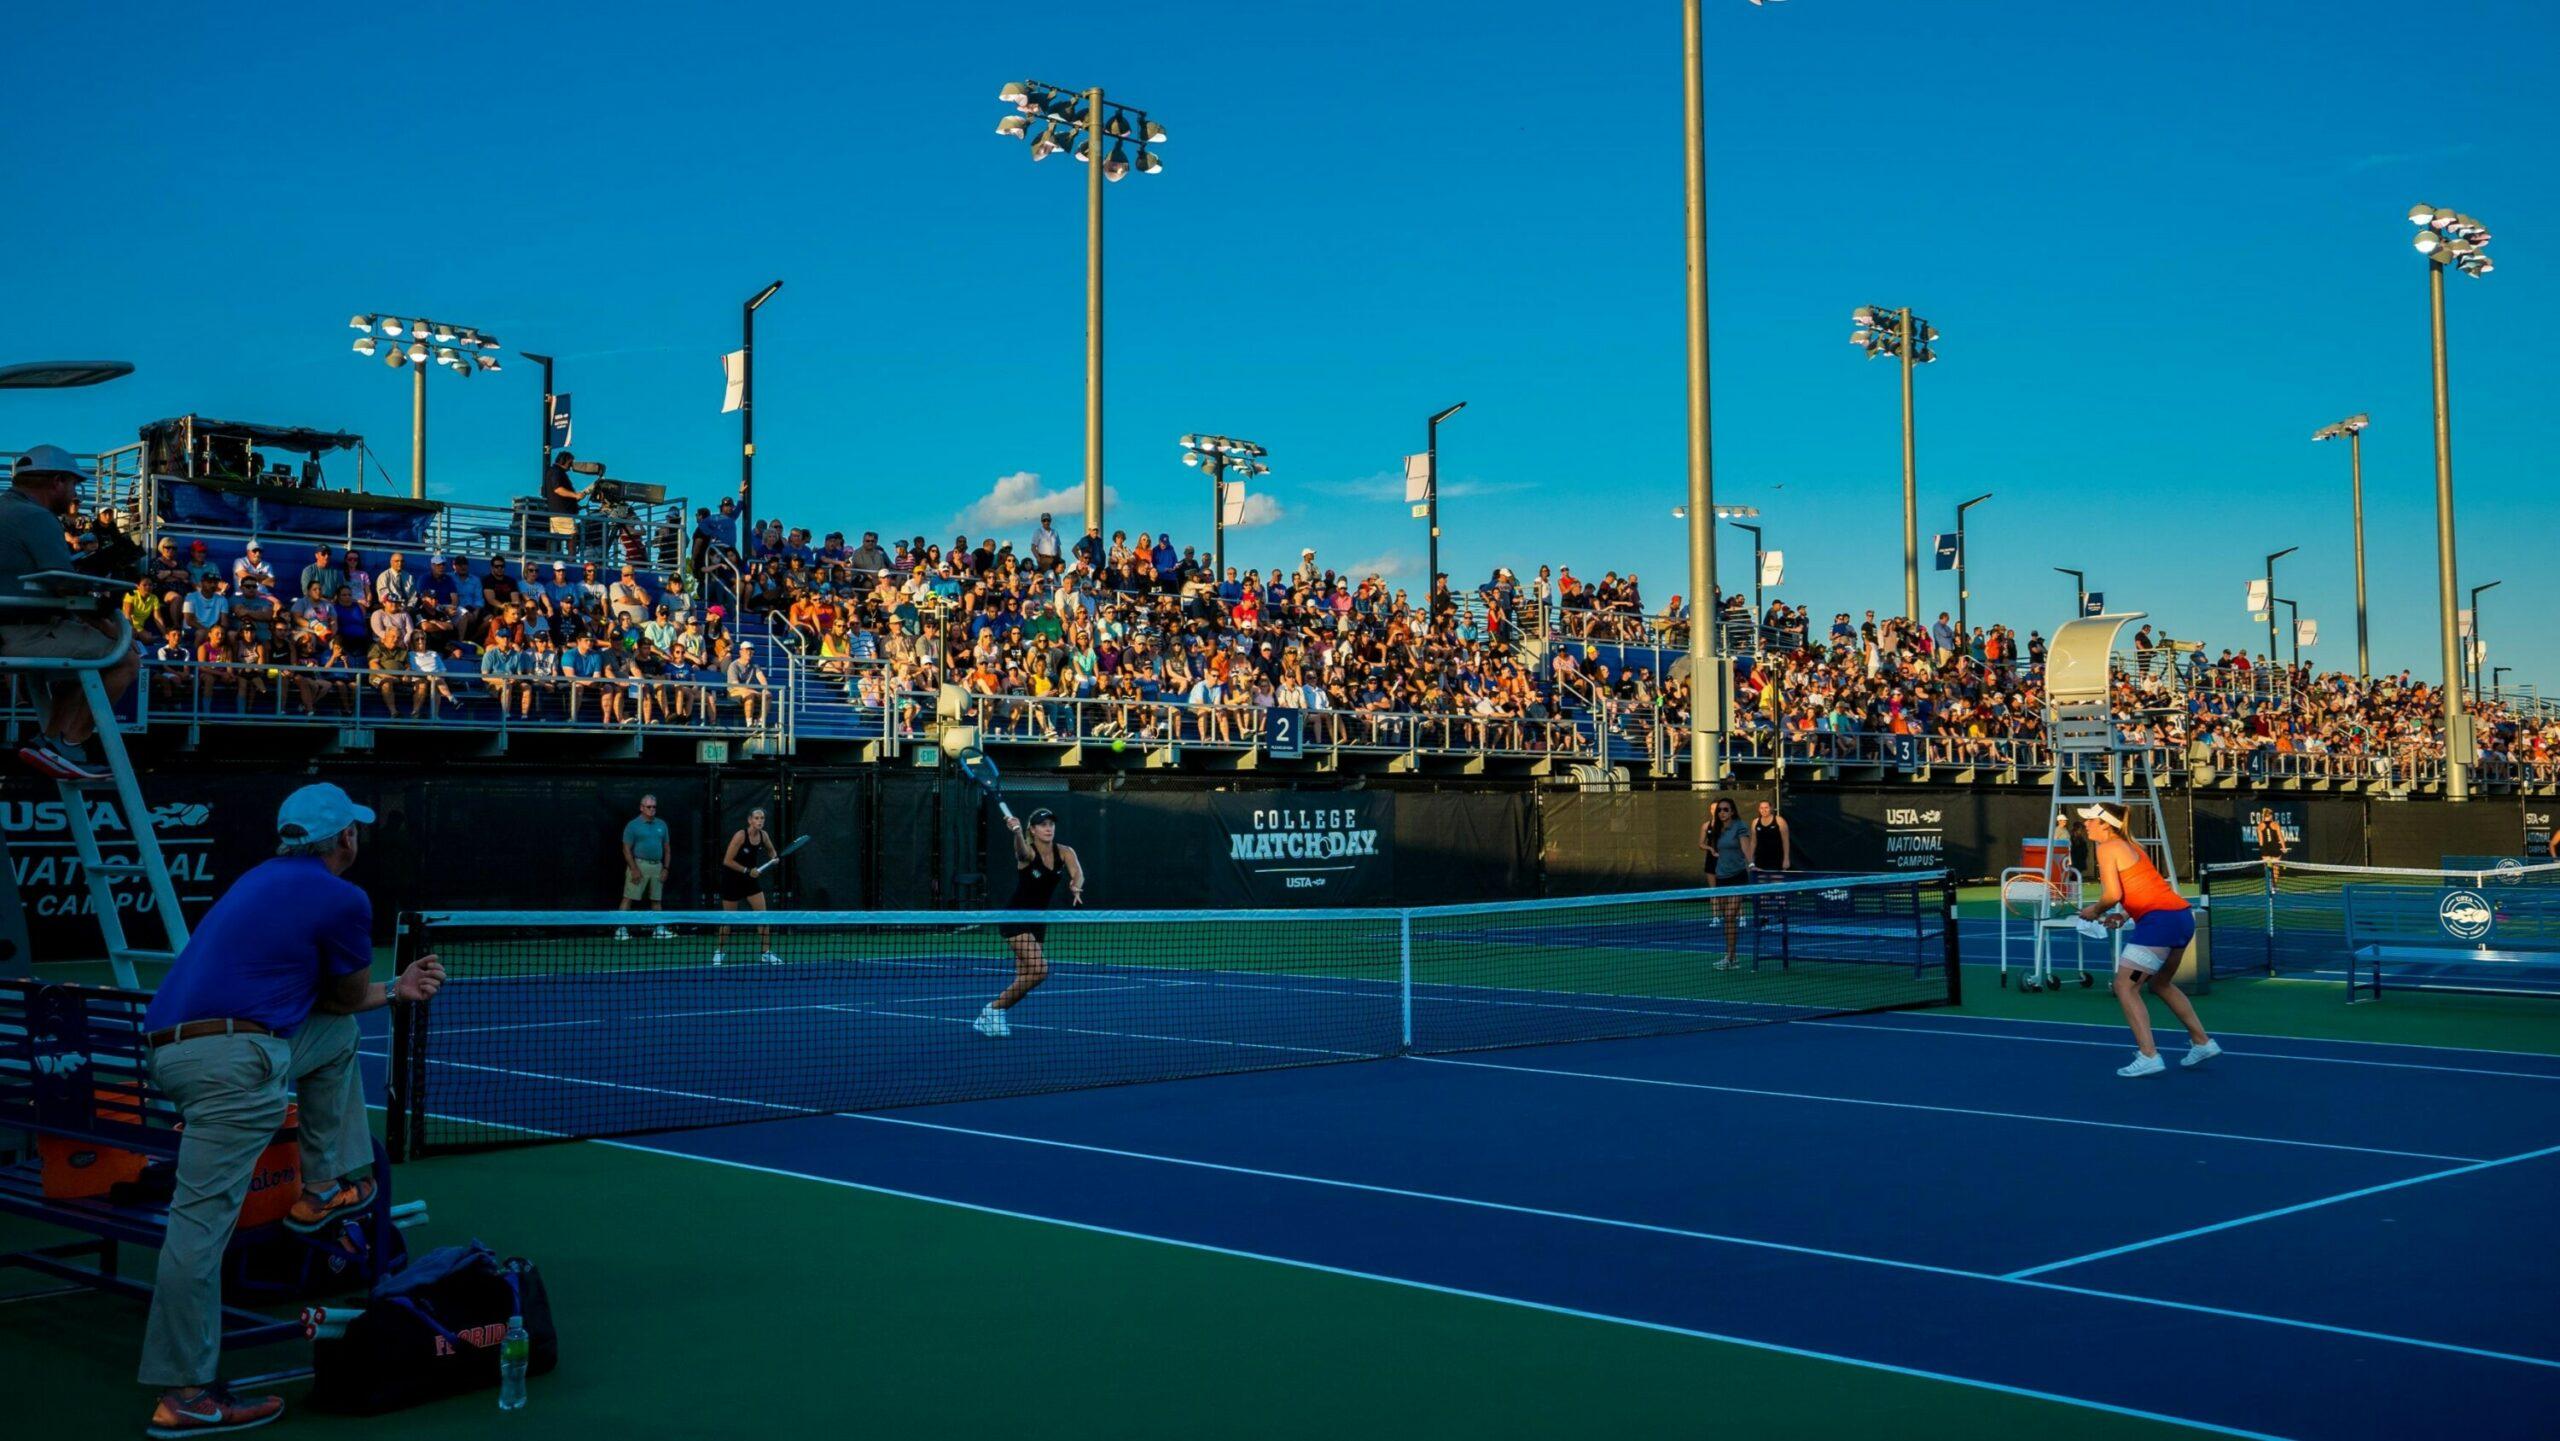 College tennis kampioenschappen